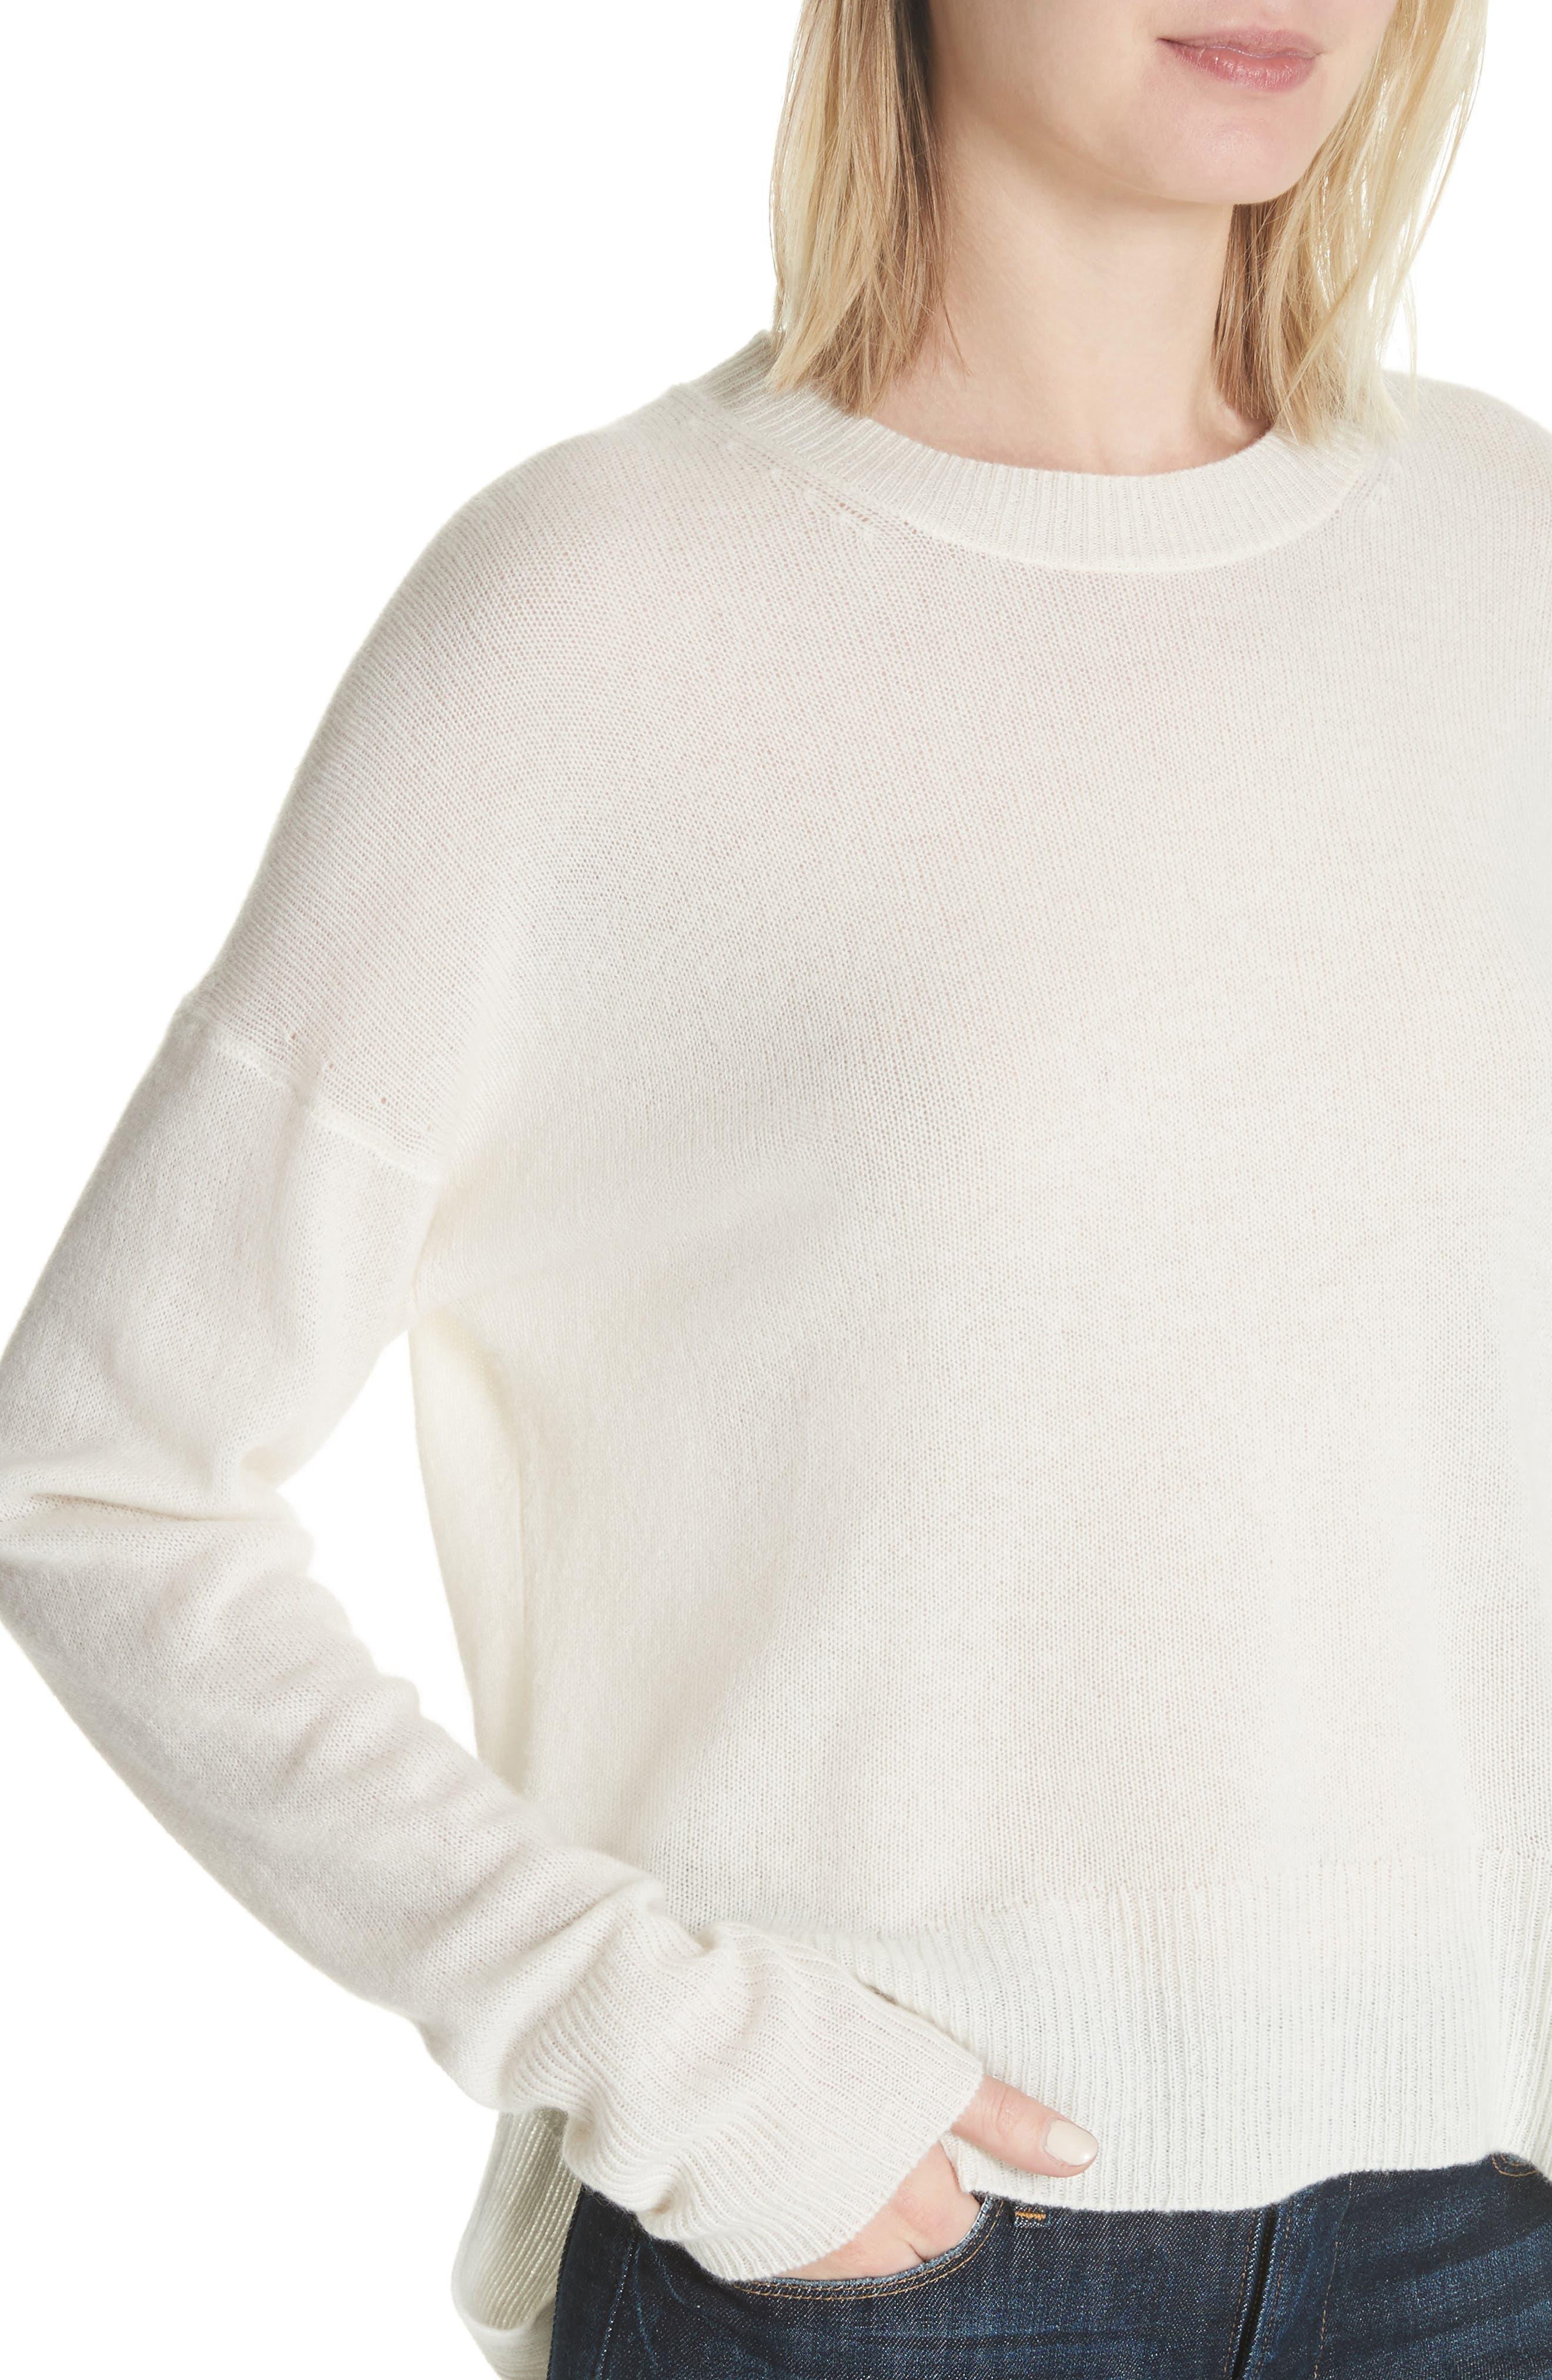 Karenia L Cashmere Sweater,                             Alternate thumbnail 15, color,